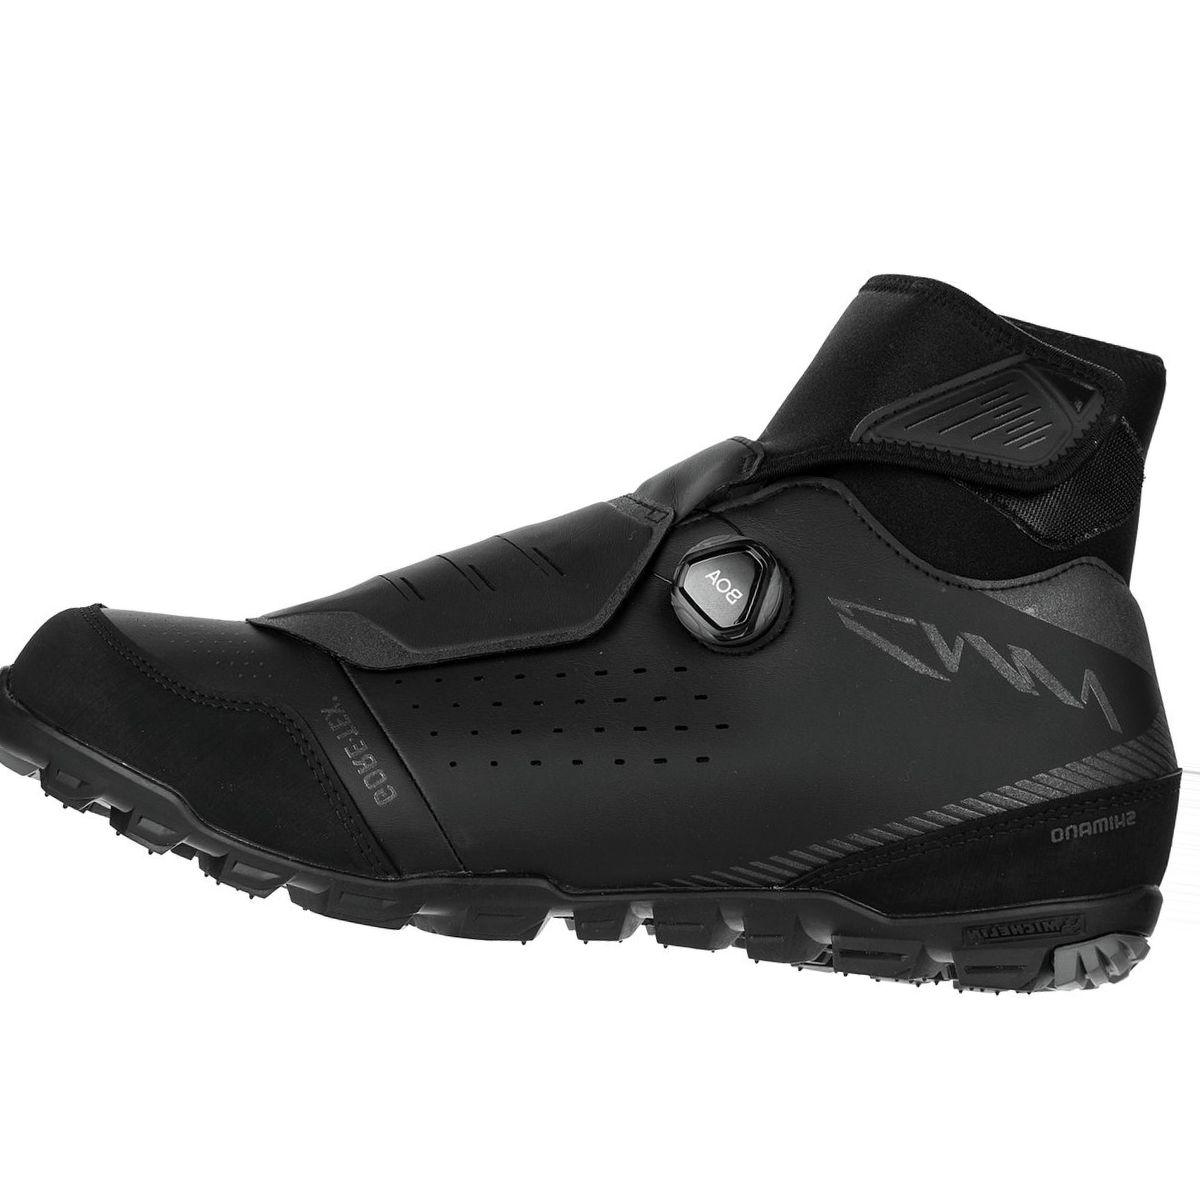 Shimano SH-MW701 Cycling Shoe - Men's